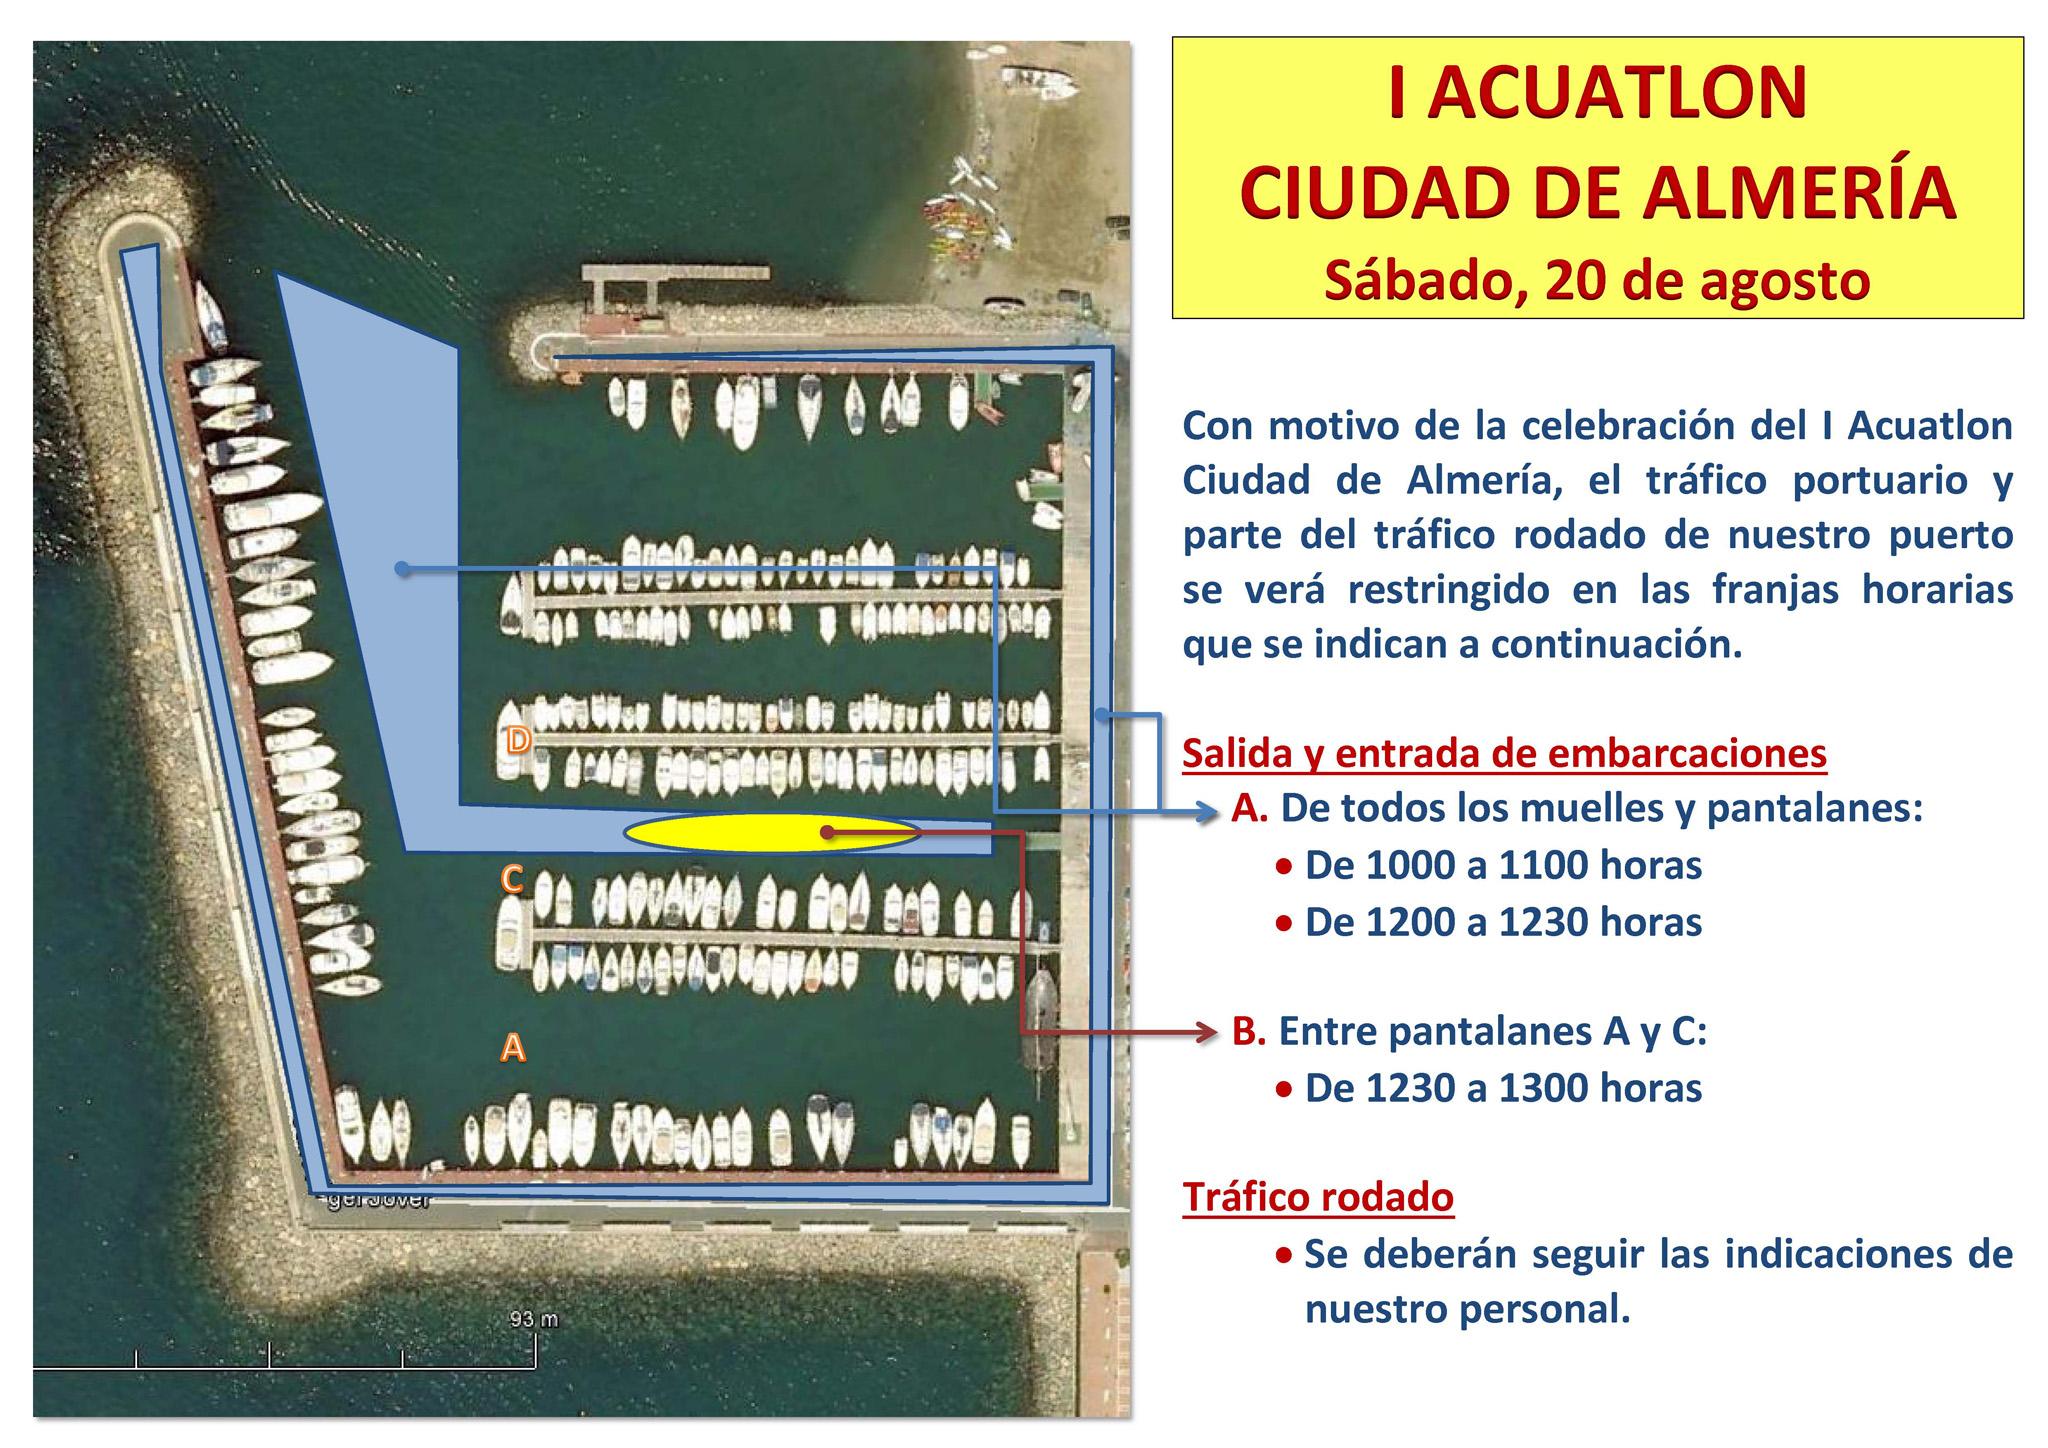 trafico_portuario-2